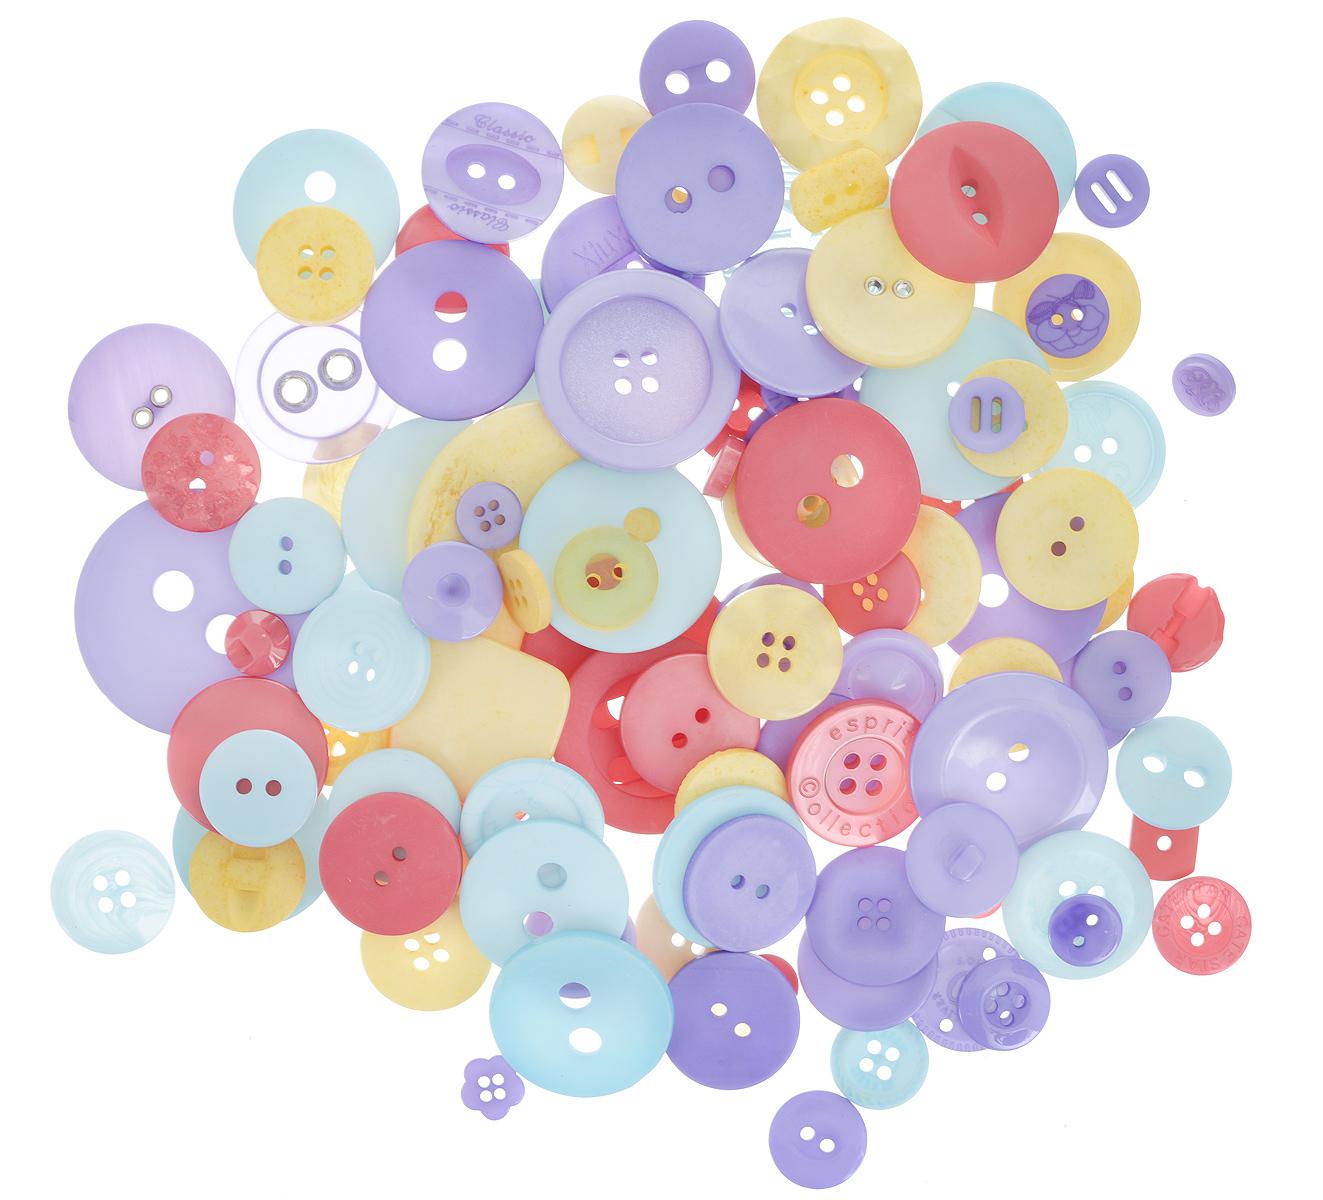 Пуговицы декоративные Buttons Galore & More Карнавал, цвет: голубой, сиреневый, желтый, 115 г. 77088827708882_КарнавалНабор пуговиц для творчества и декорирования одежды Buttons Galore & More Карнавал изготовлен из высококачественного пластика и металла. В набор входят пуговицы различных размеров и с разным количеством отверстий. Такие пуговицы подходят для любых видов творчества: скрапбукинга, декорирования, шитья, изготовления кукол, а также для оформления одежды. С их помощью вы сможете украсить открытку, фотографию, альбом, подарок и другие предметы ручной работы. Пуговицы имеют оригинальный и яркий дизайн. Средний диаметр пуговиц: 2 см.